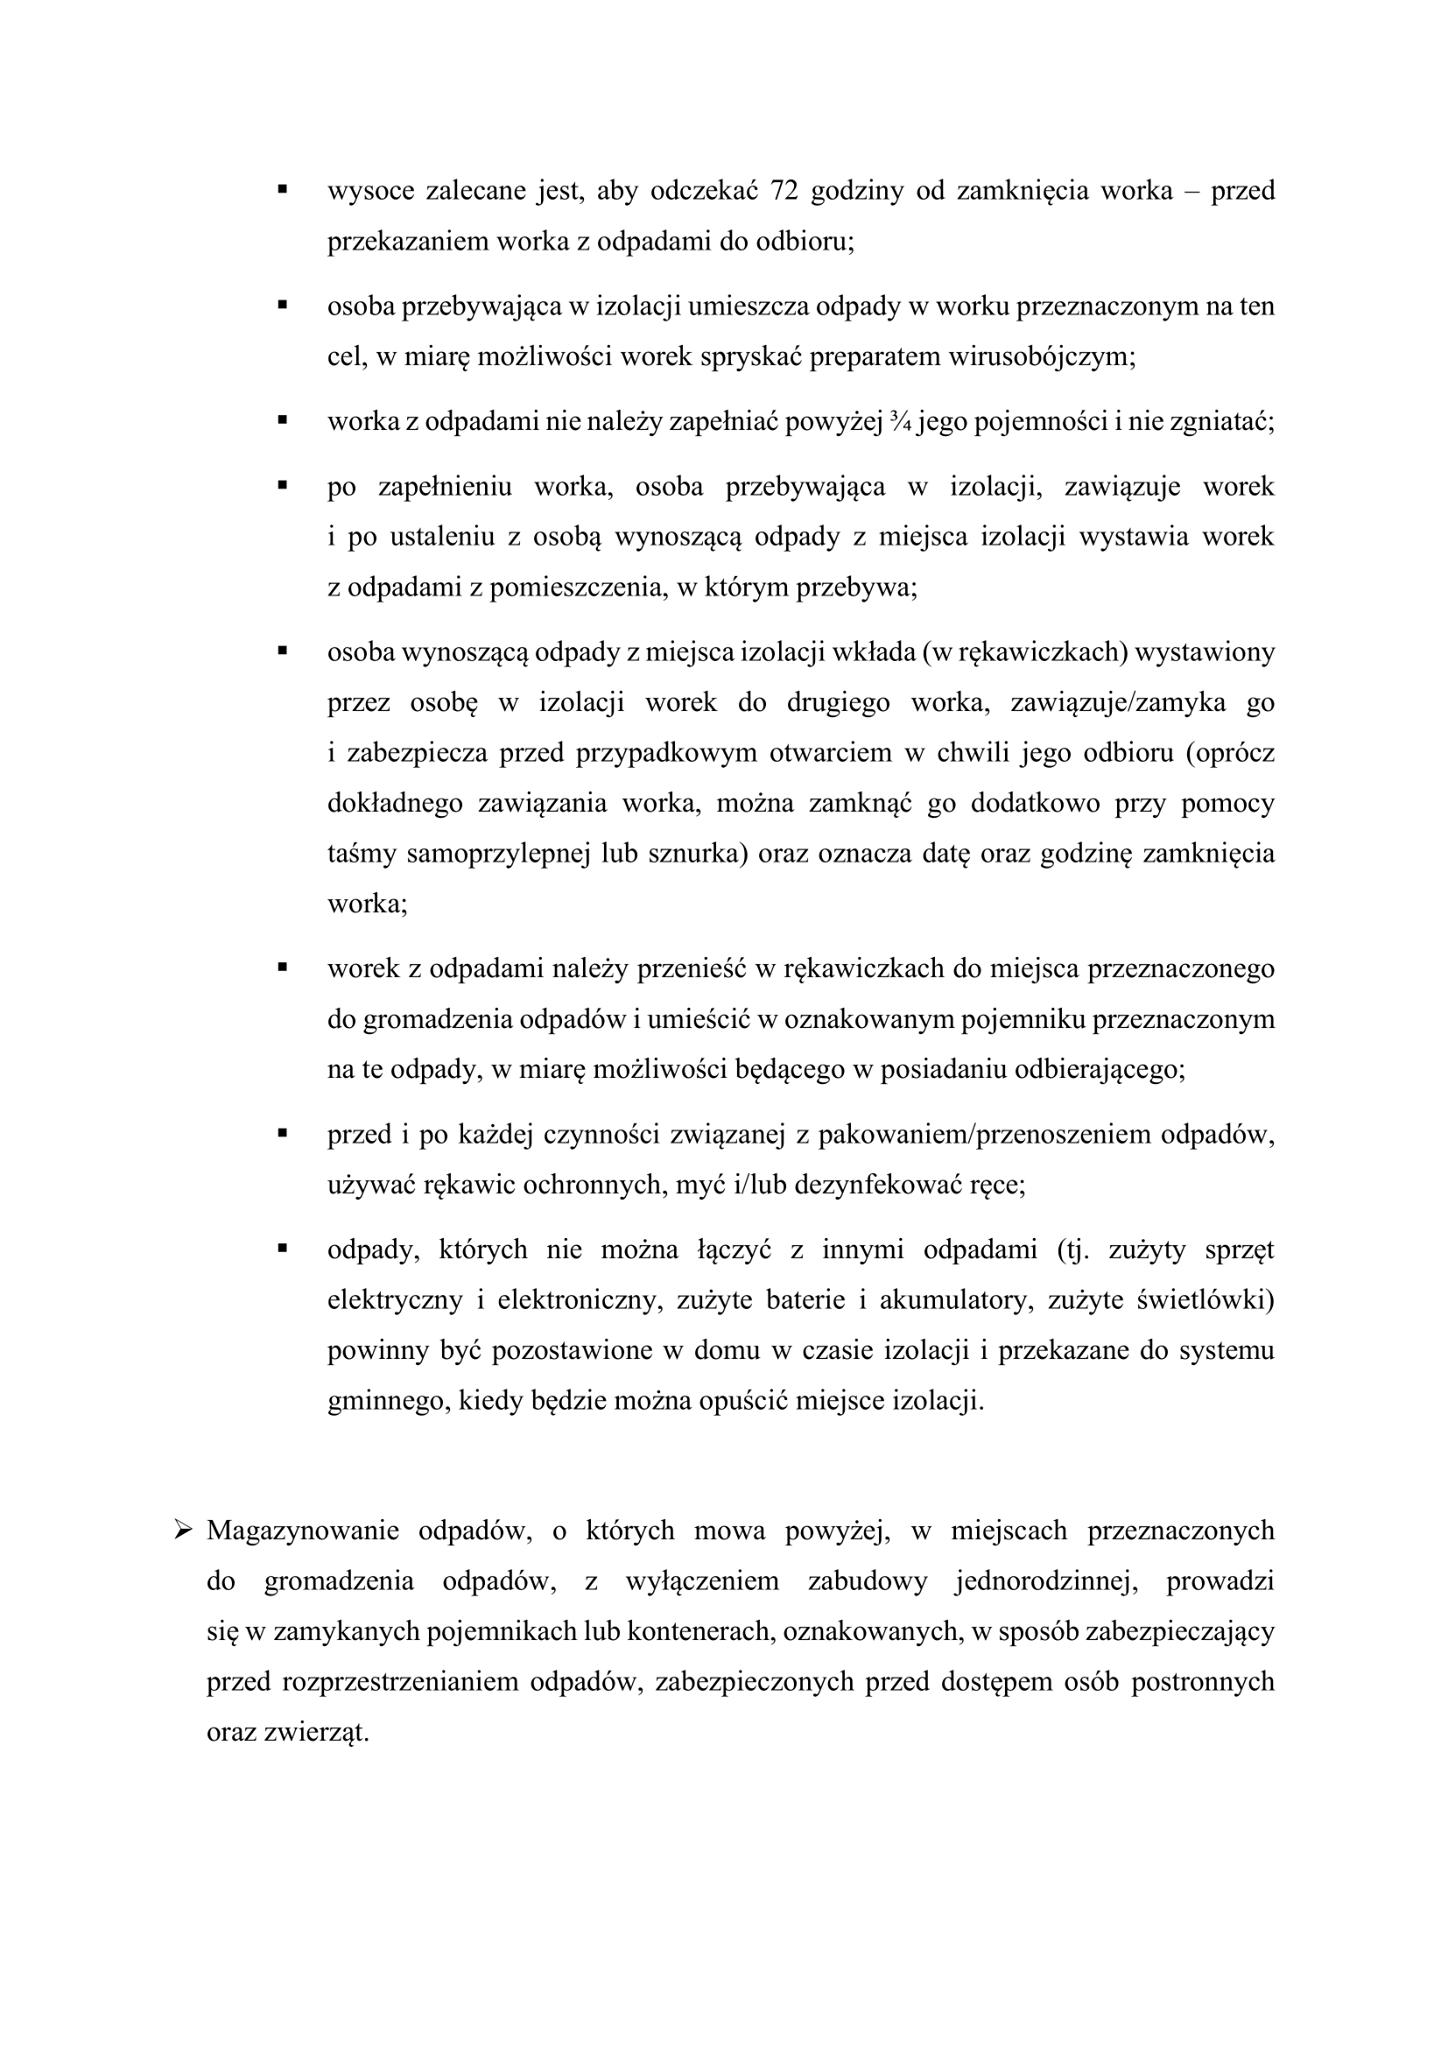 Wytyczne Ministra Klimatu iGlownego Inspektora Sanitarnego wsprawie postepowa.fna&oh=8c5154272b446cbf96b0f175fba852c8&oe=5EAF4467 - Wytyczne Ministra Klimatu iGłównego Inspektora Sanitarnego  wsprawie postępowa...